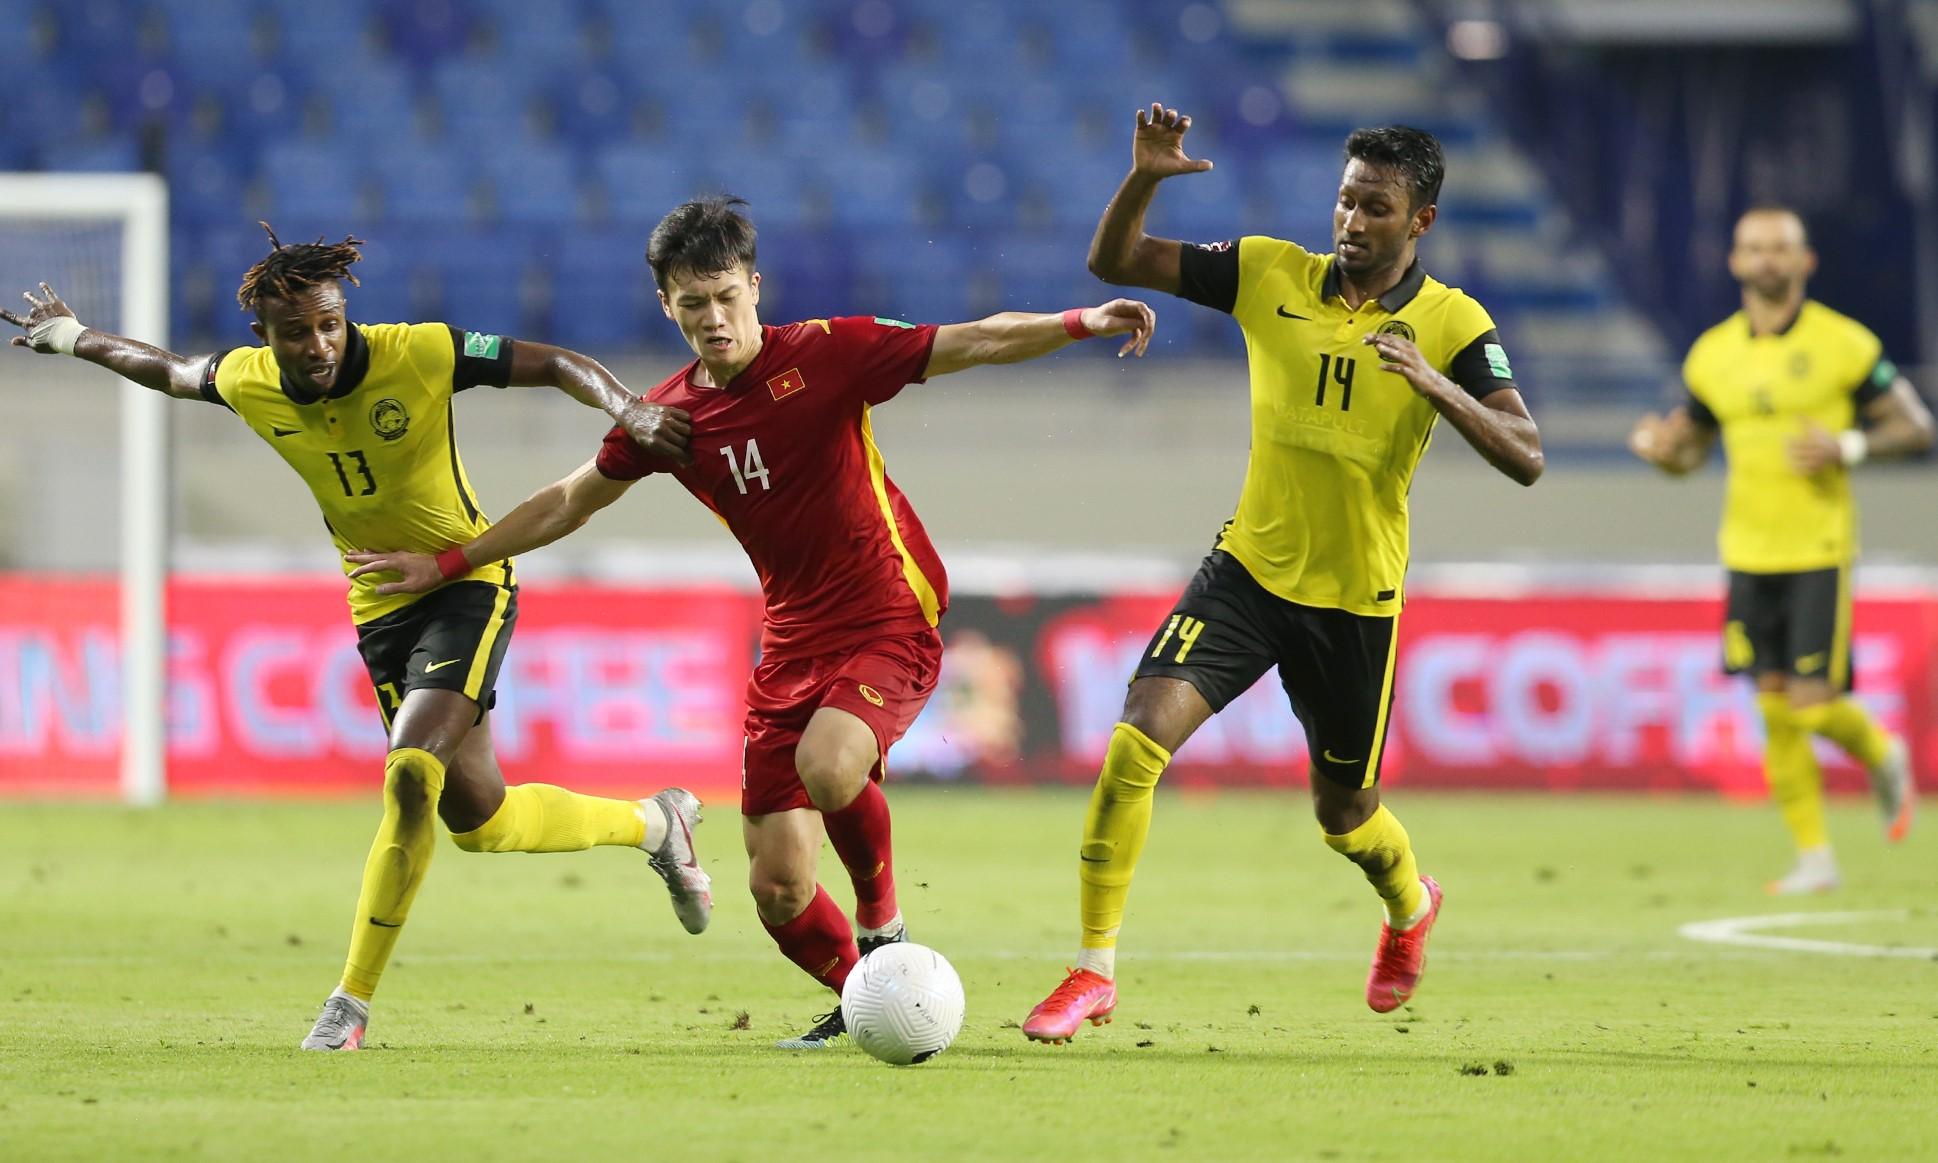 Việt Nam thắng năm, hòa một trong sáu lần gần nhất chạm trán Malaysia kể từ năm 2018. Ảnh: Lâm Thỏa.